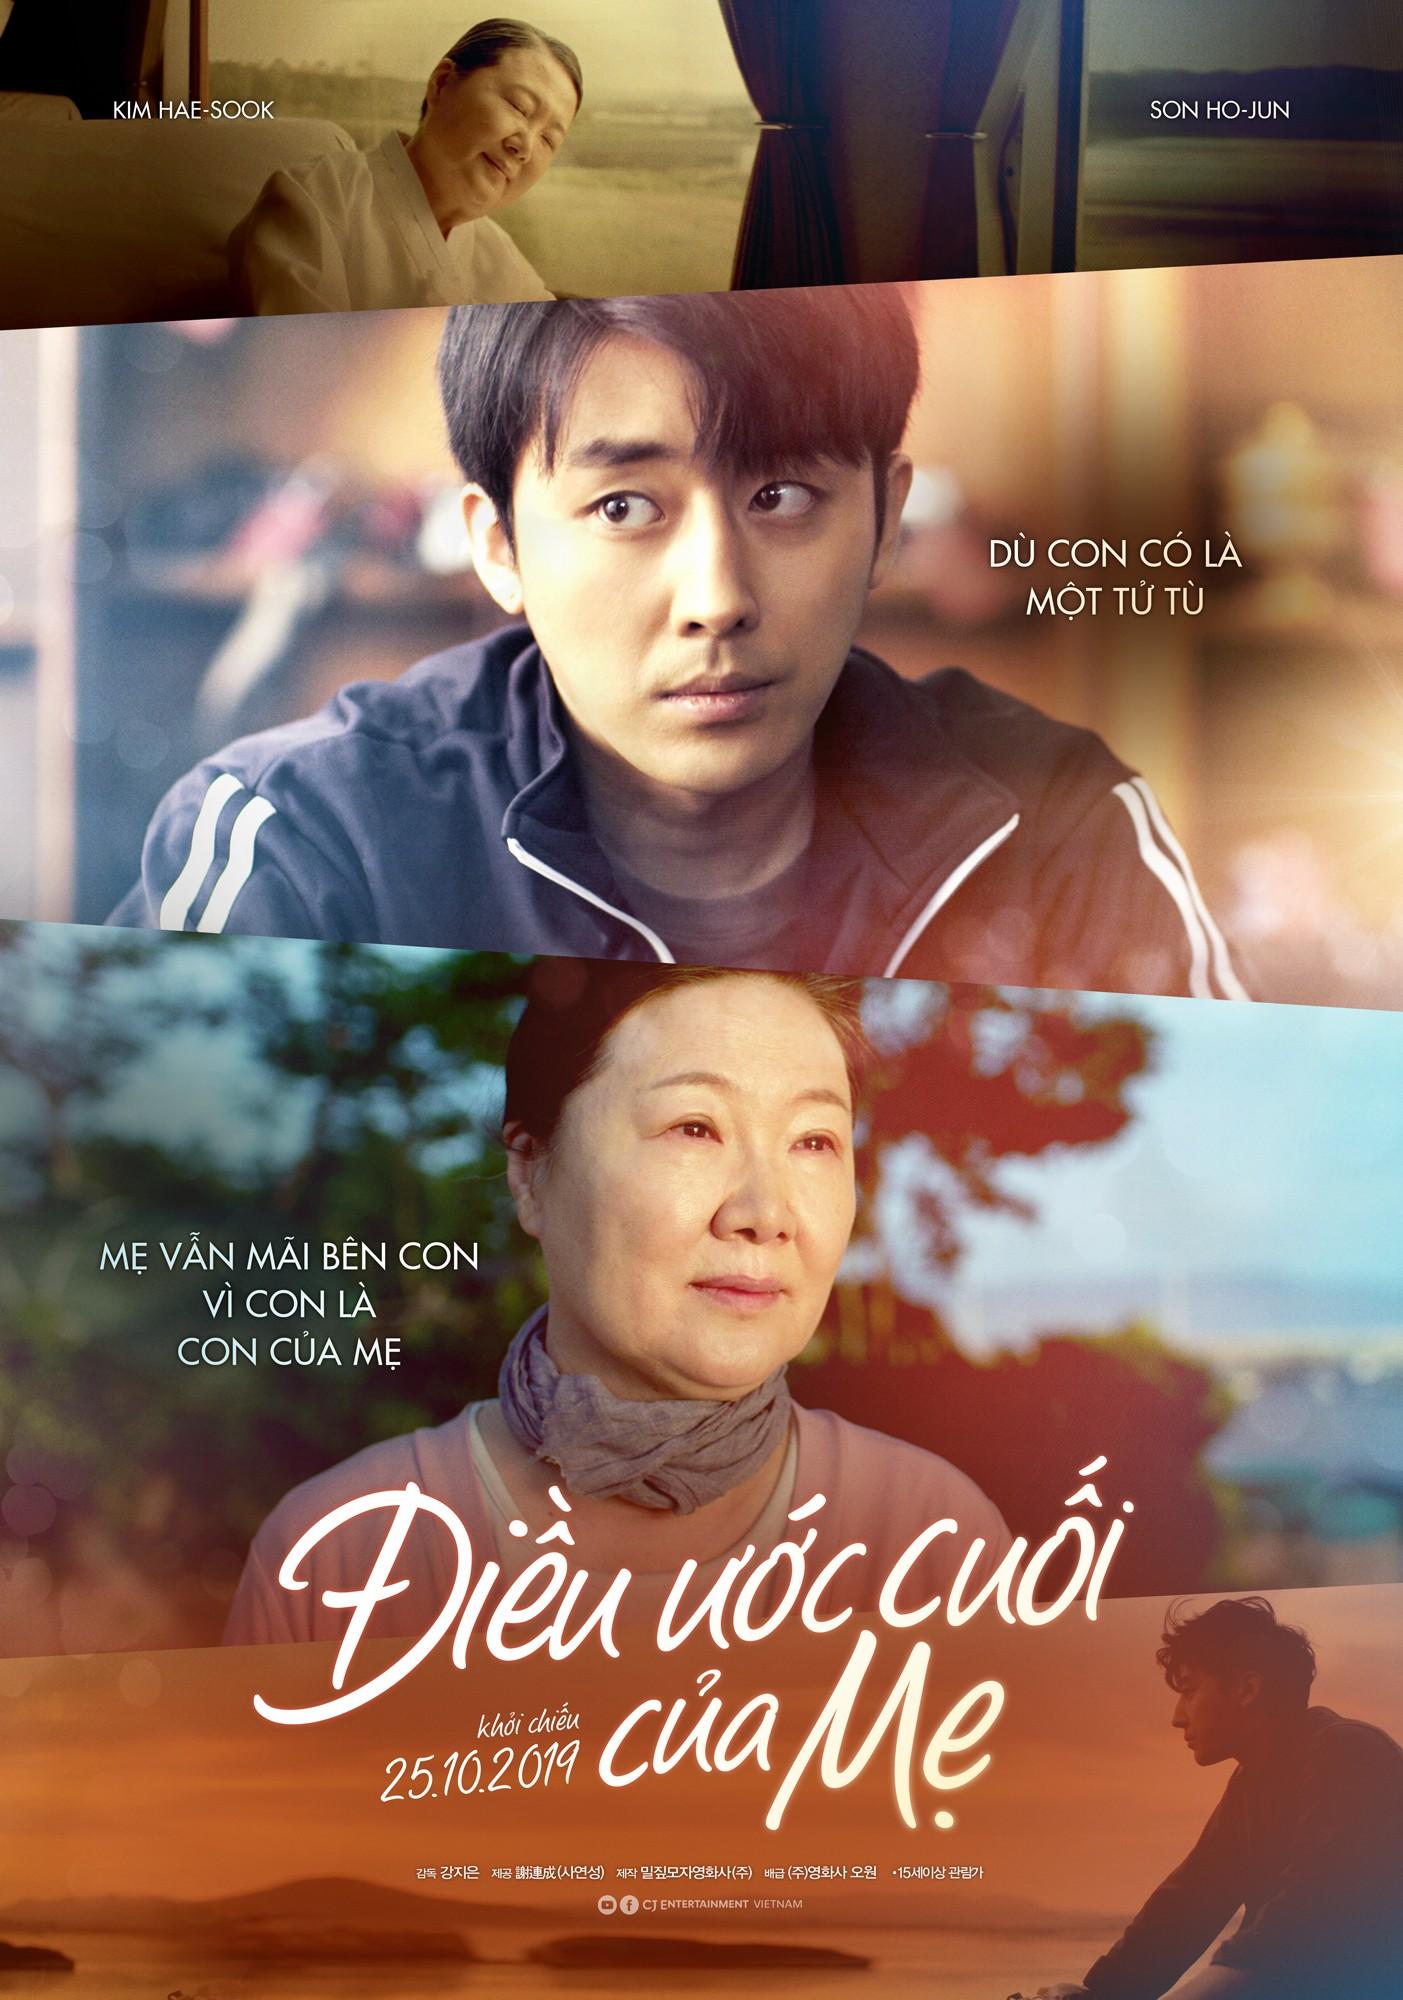 Phim gia đình Điều ước cuối của mẹ